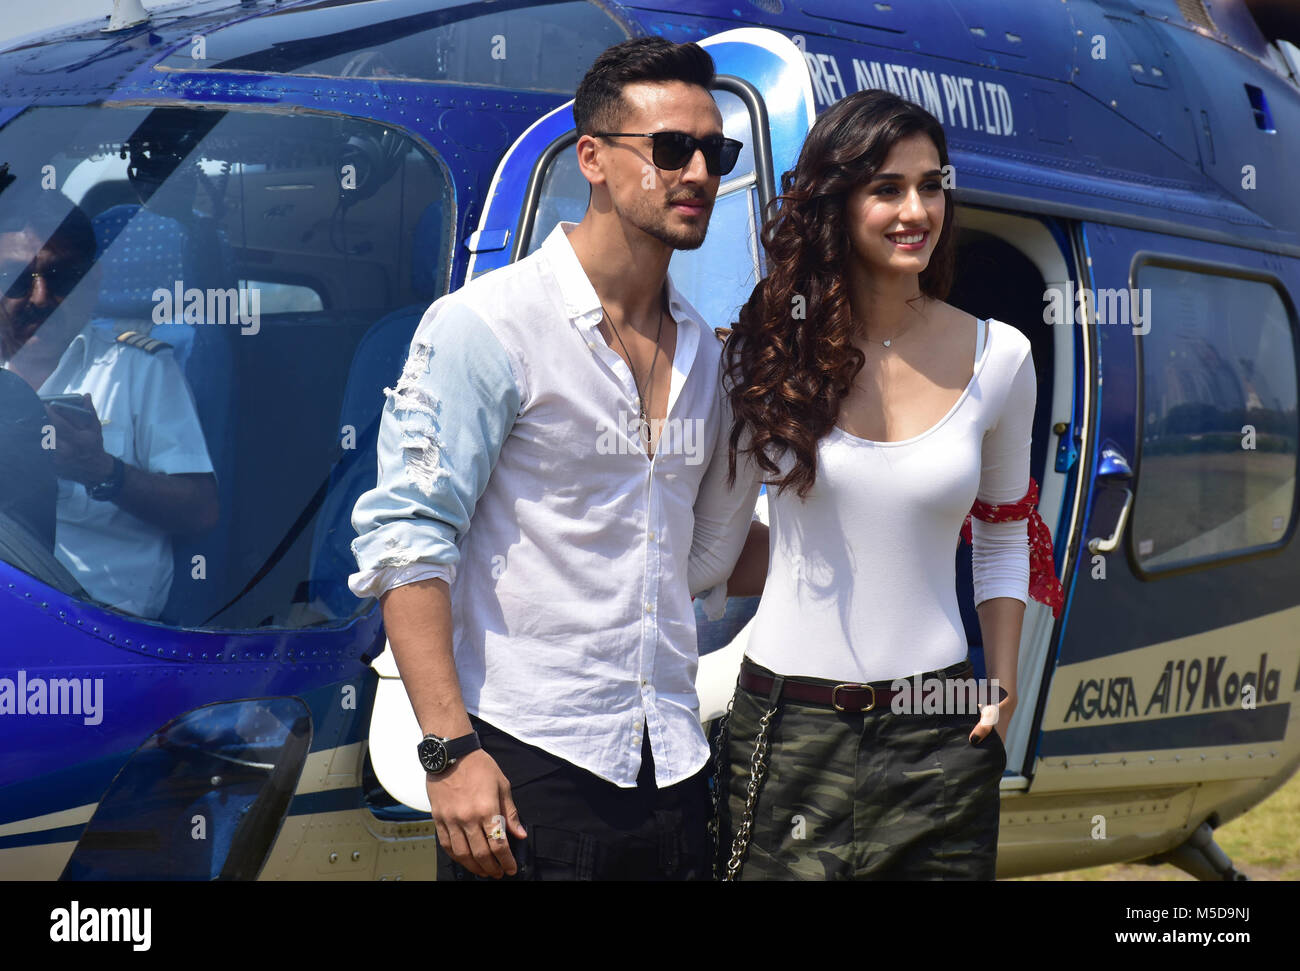 Bollywood Hindi Movies 2018 Actor Name: Mumbai, India. 21st Feb, 2018. Indian Film Actor Tiger